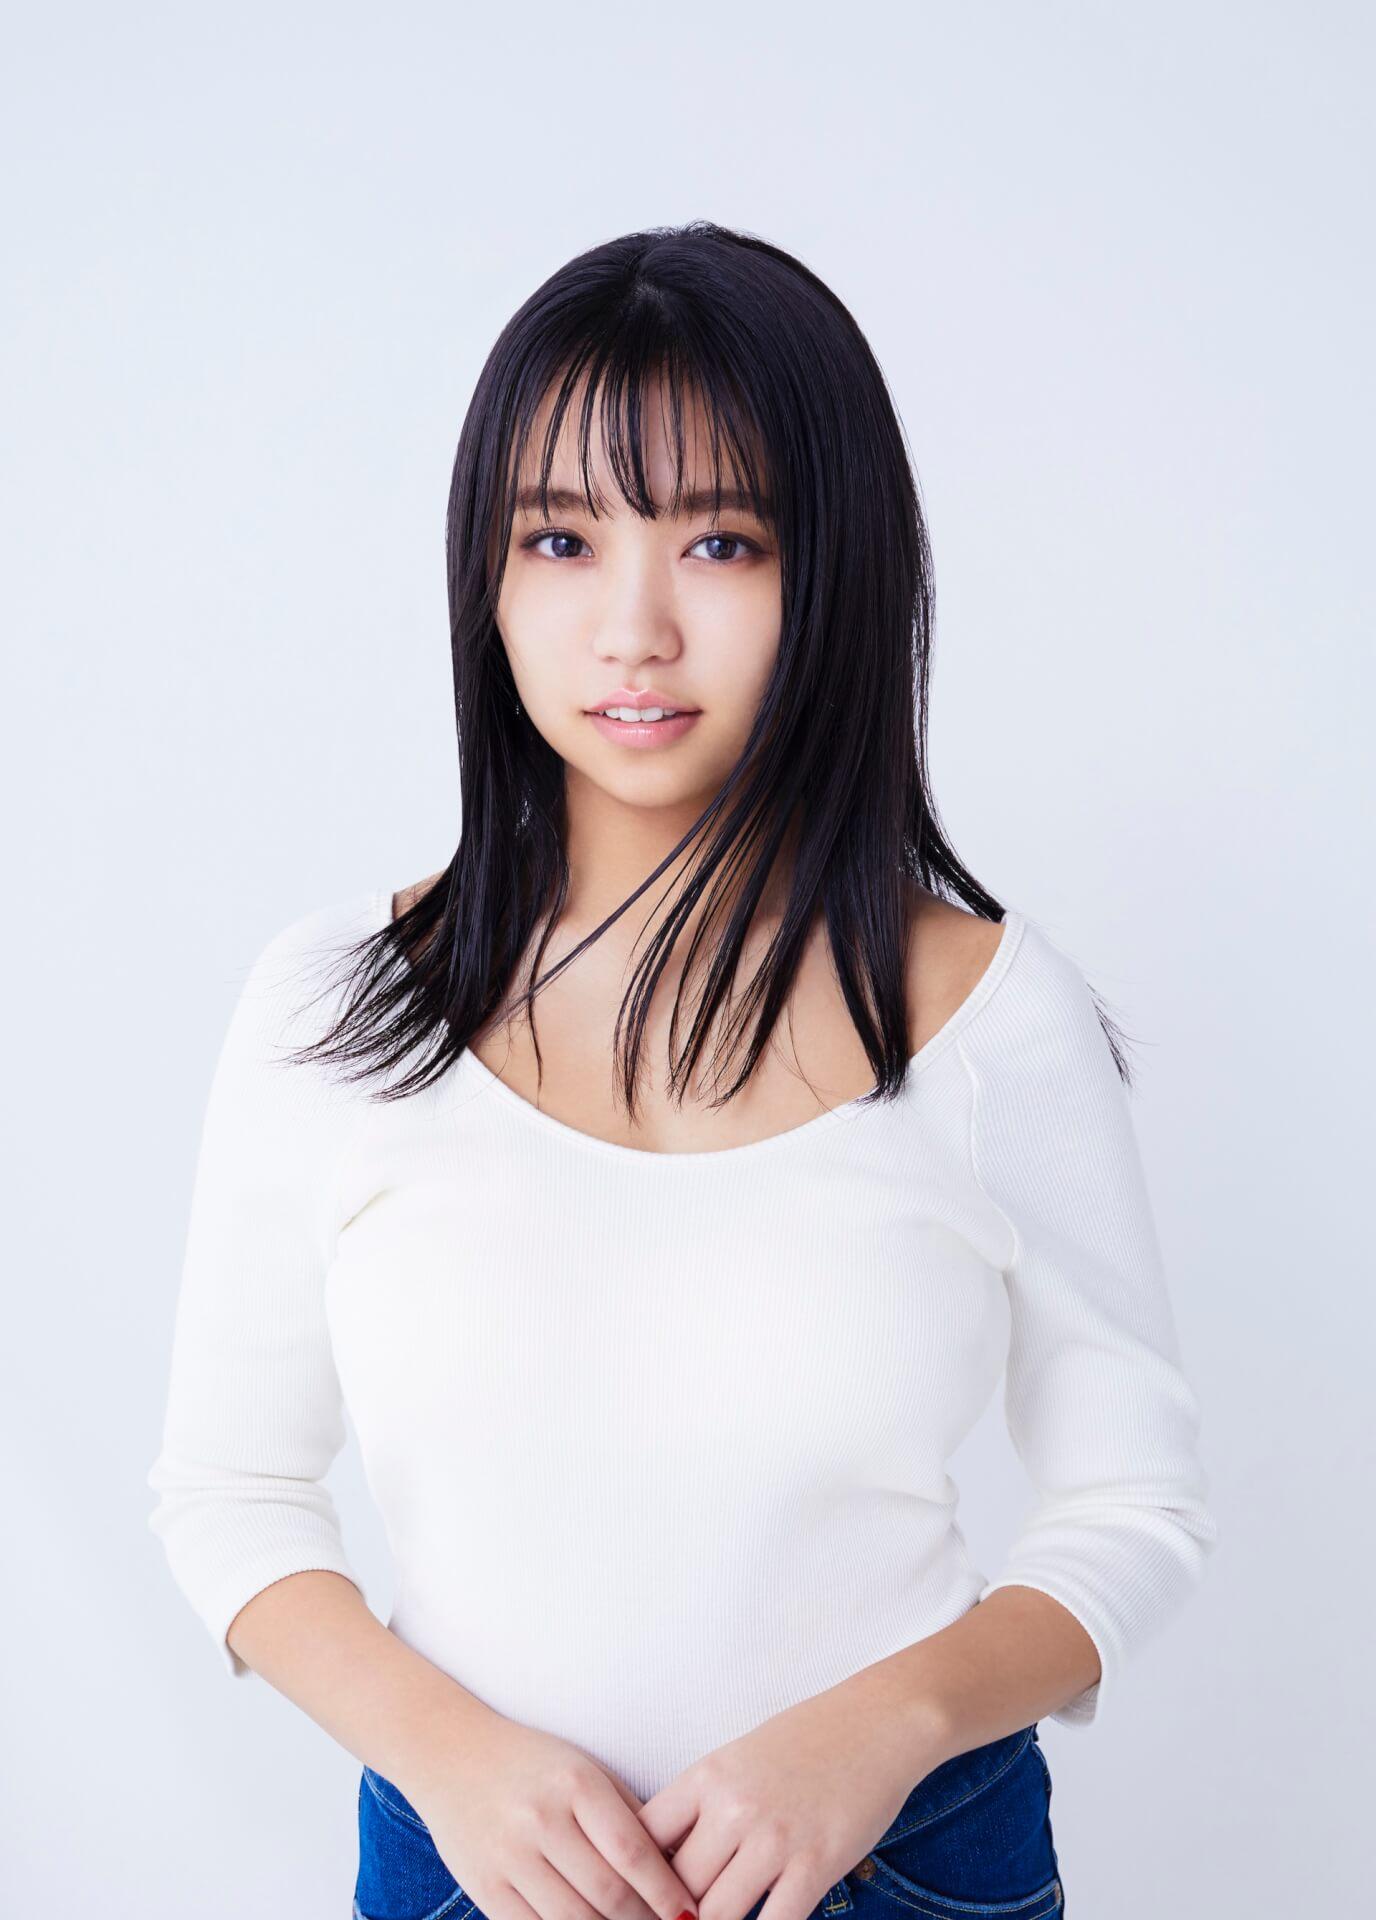 大原優乃、ドラマ『ゆるキャン△』出演で再現度MAXの演技を披露! art200120_oharayuno_2